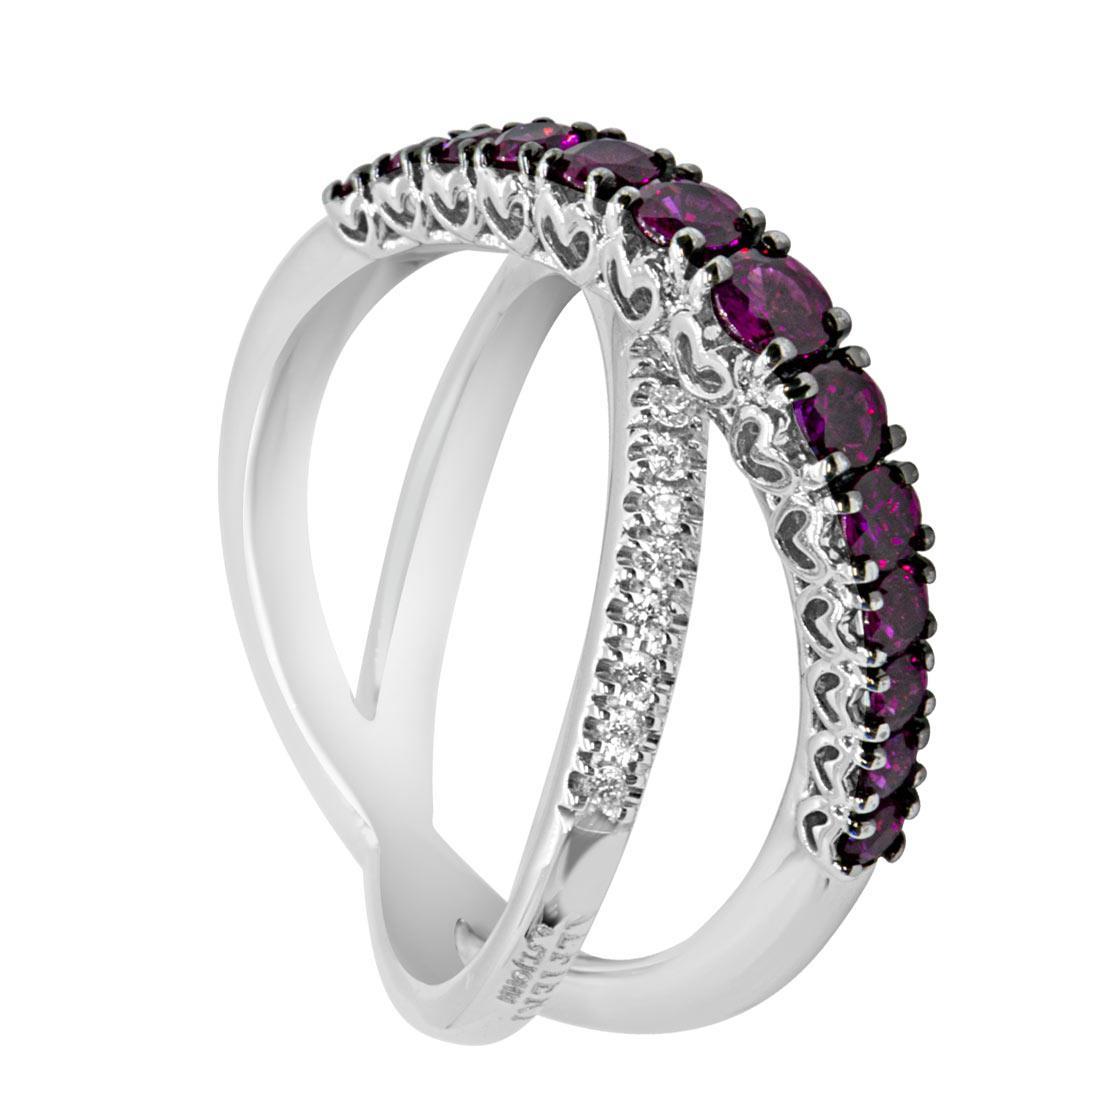 Anello a fasce incrociate con diamanti e rubini mis 12 - ALFIERI & ST. JOHN